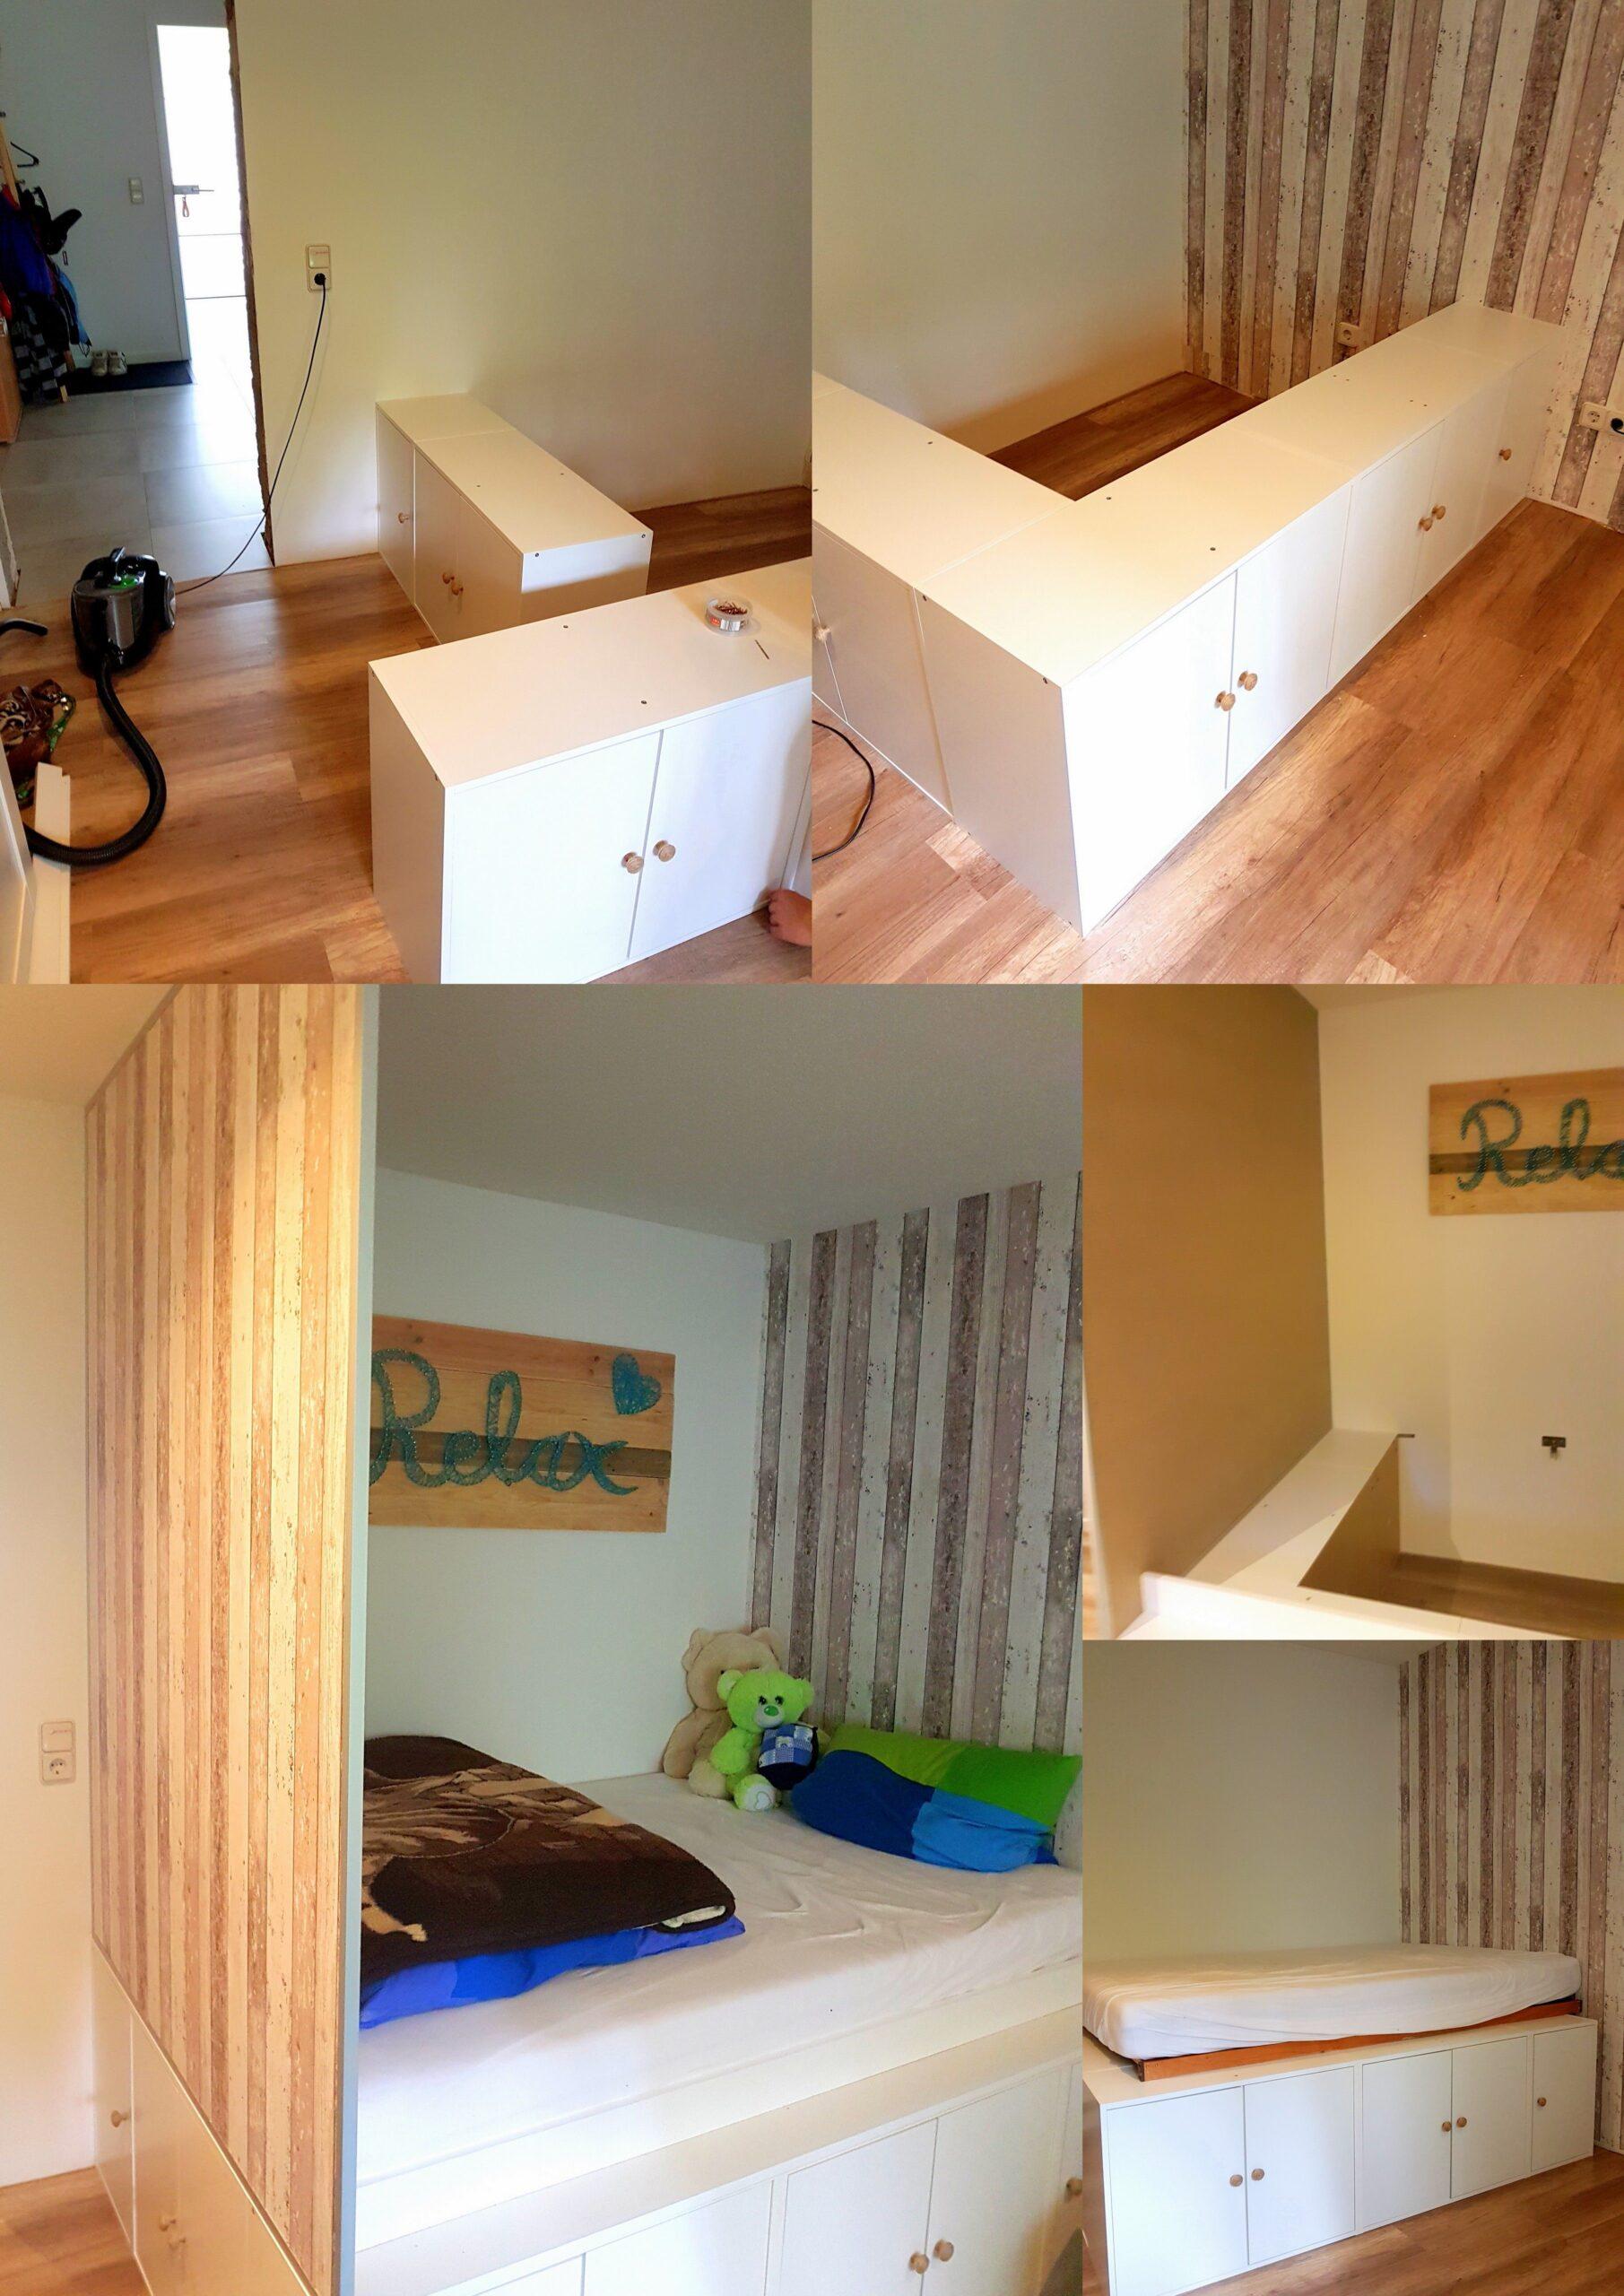 Full Size of Jugendzimmer Ikea Diy Hochbett Mit Kchenschrnken Als Unterbau Miniküche Küche Kosten Sofa Schlaffunktion Kaufen Bett Betten 160x200 Bei Modulküche Wohnzimmer Jugendzimmer Ikea